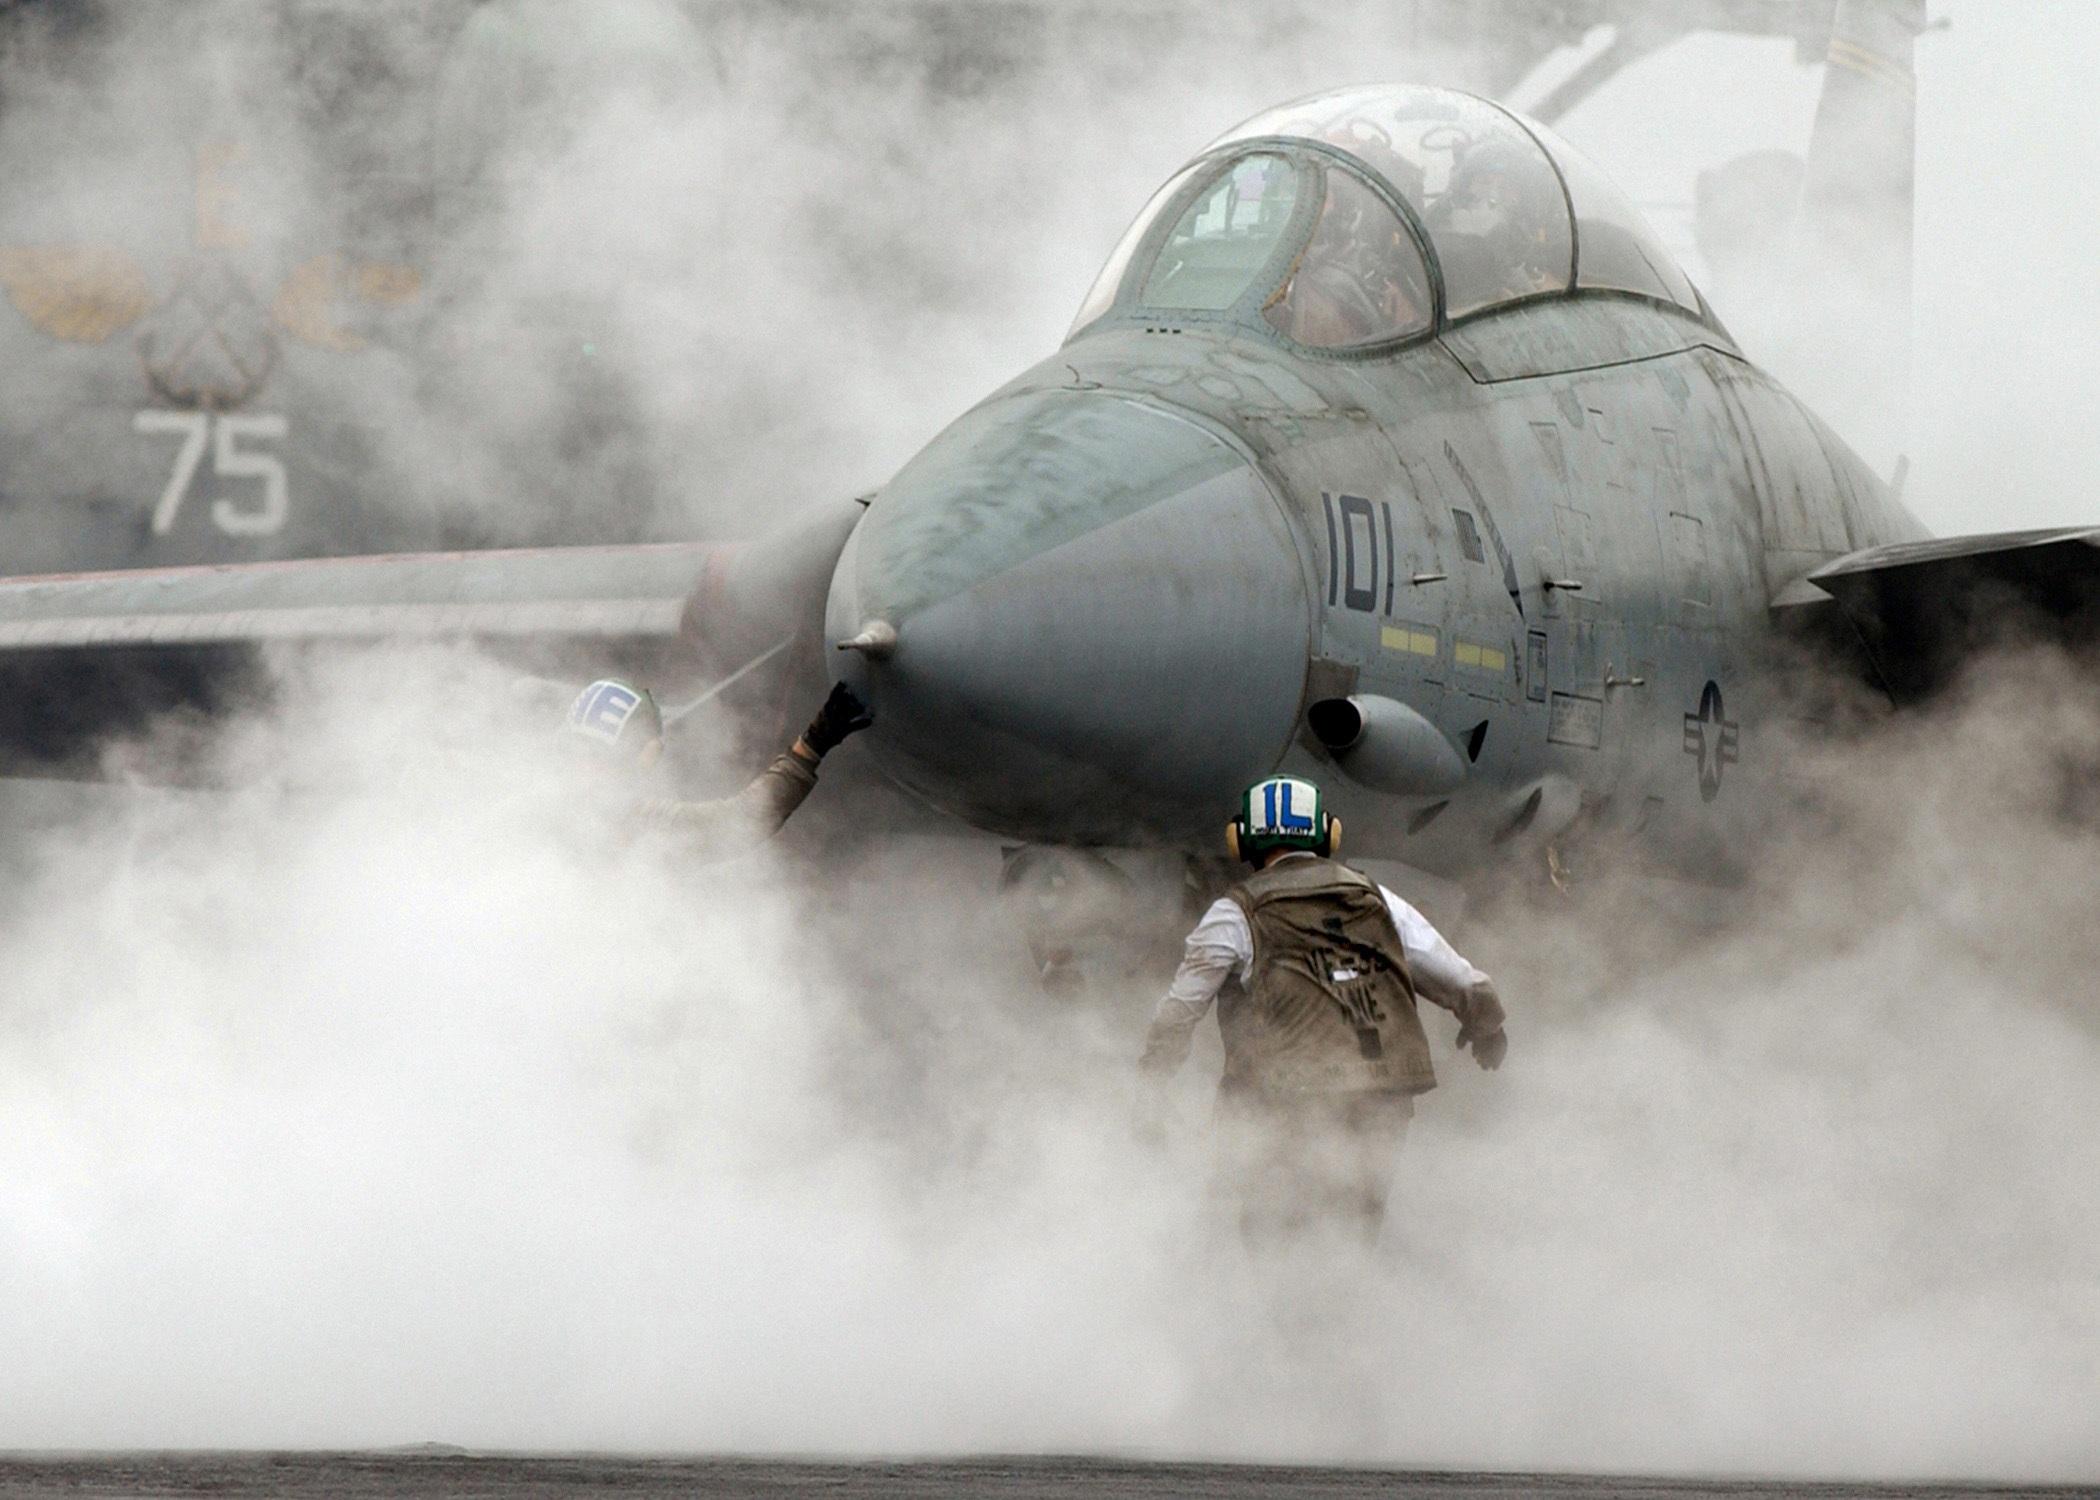 F-14 am Katapult